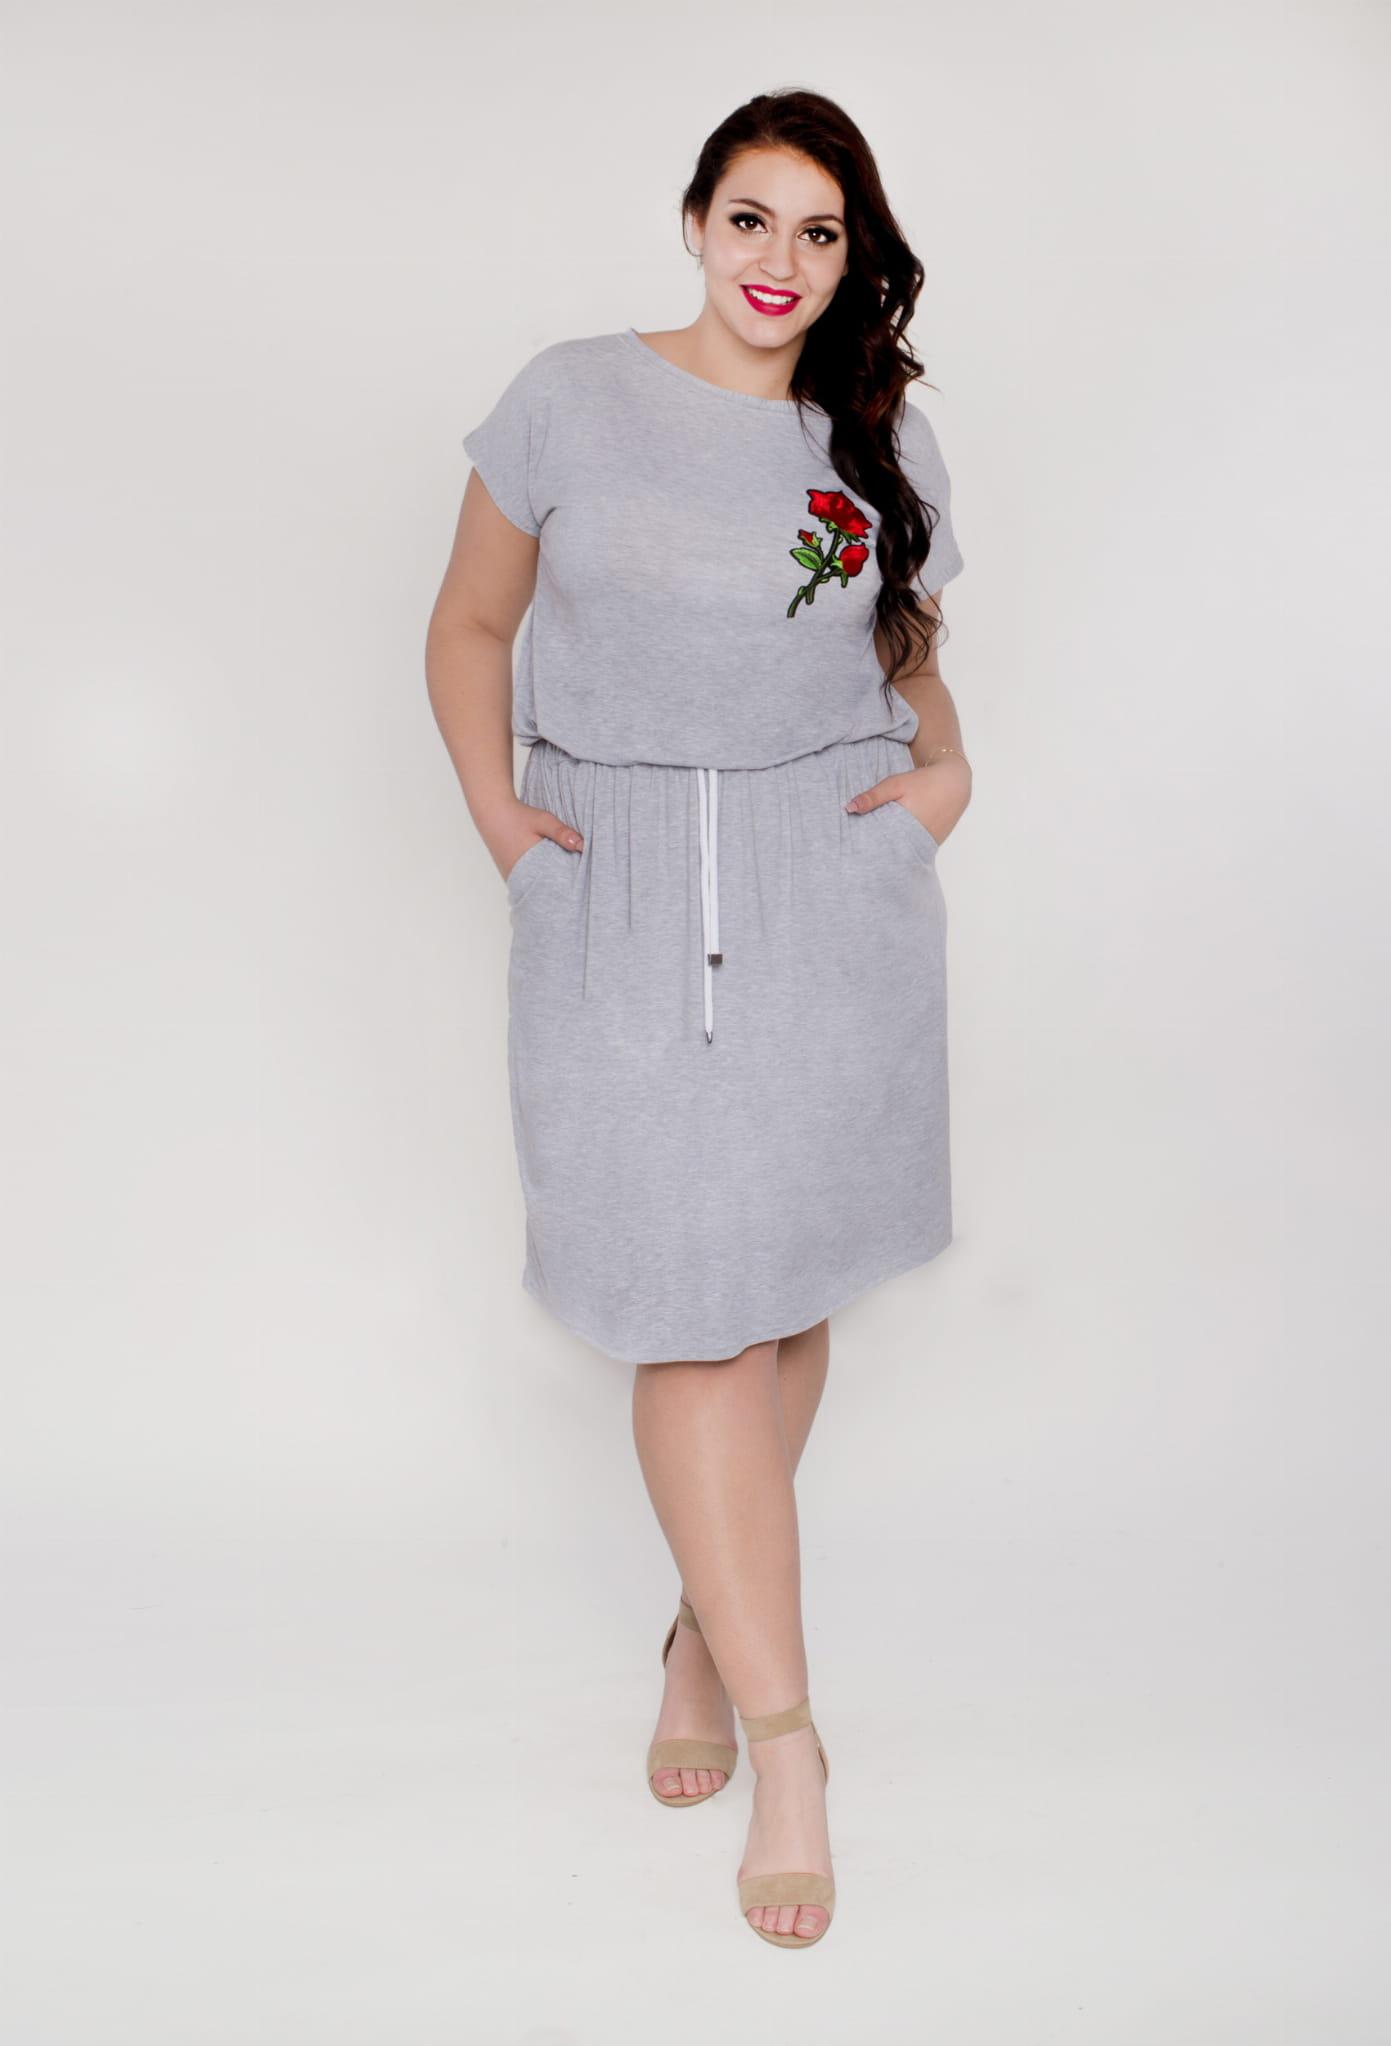 9c25e708b1 Sukienka midi krótka ze sznurkiem wiązana PLUS SIZE LATO Moda Size ...